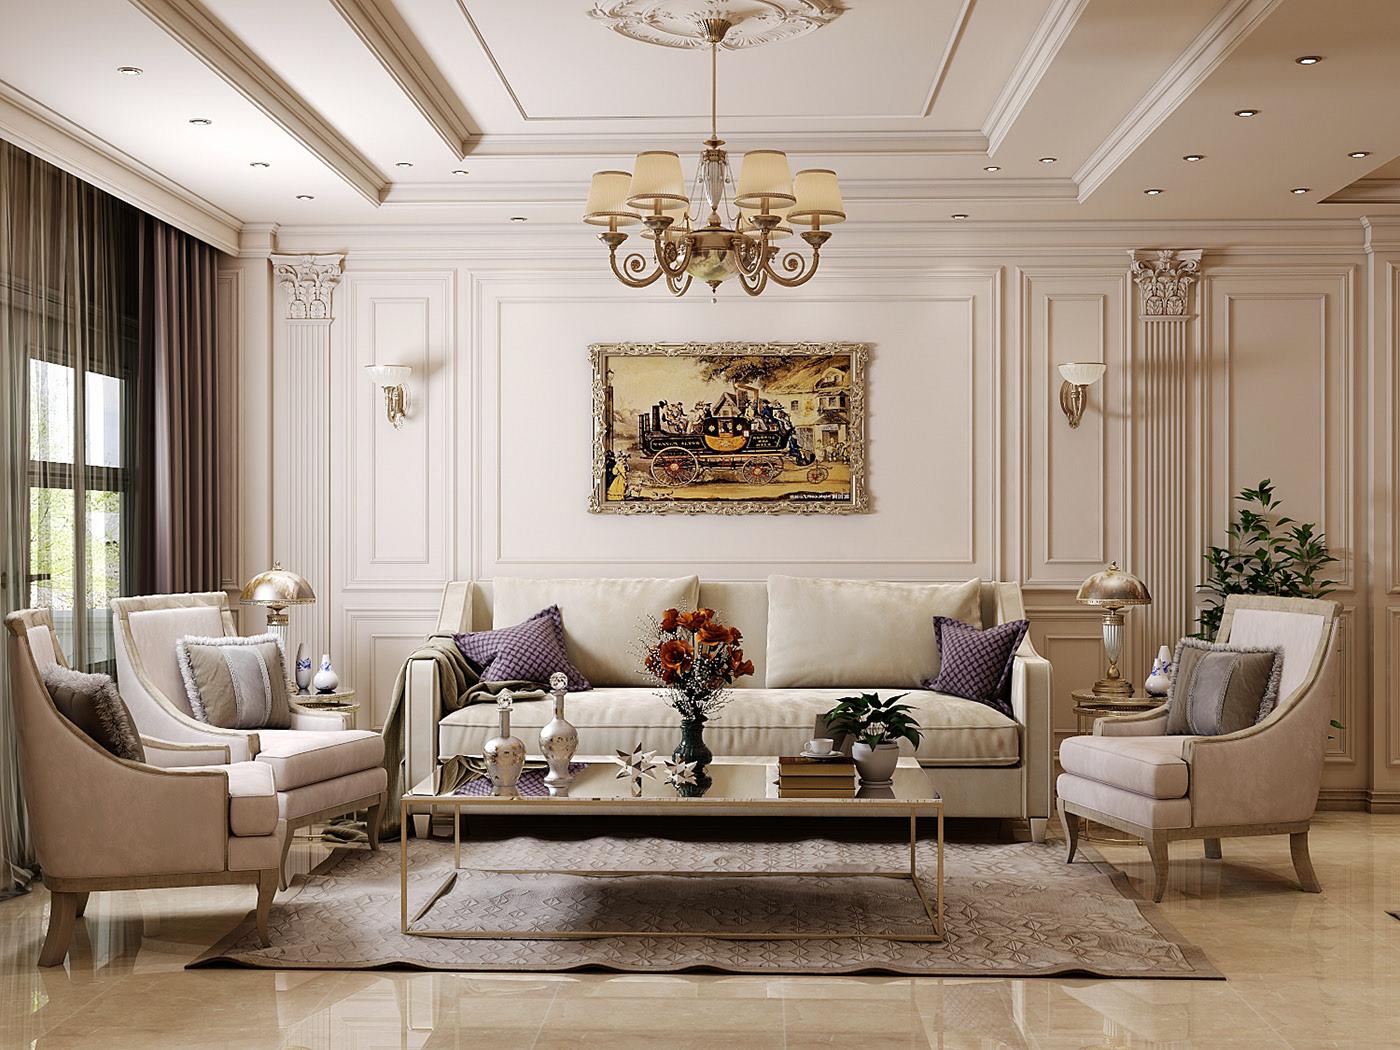 Những lưu ý phong thuỷ cần biết khi thiết kế nội thất